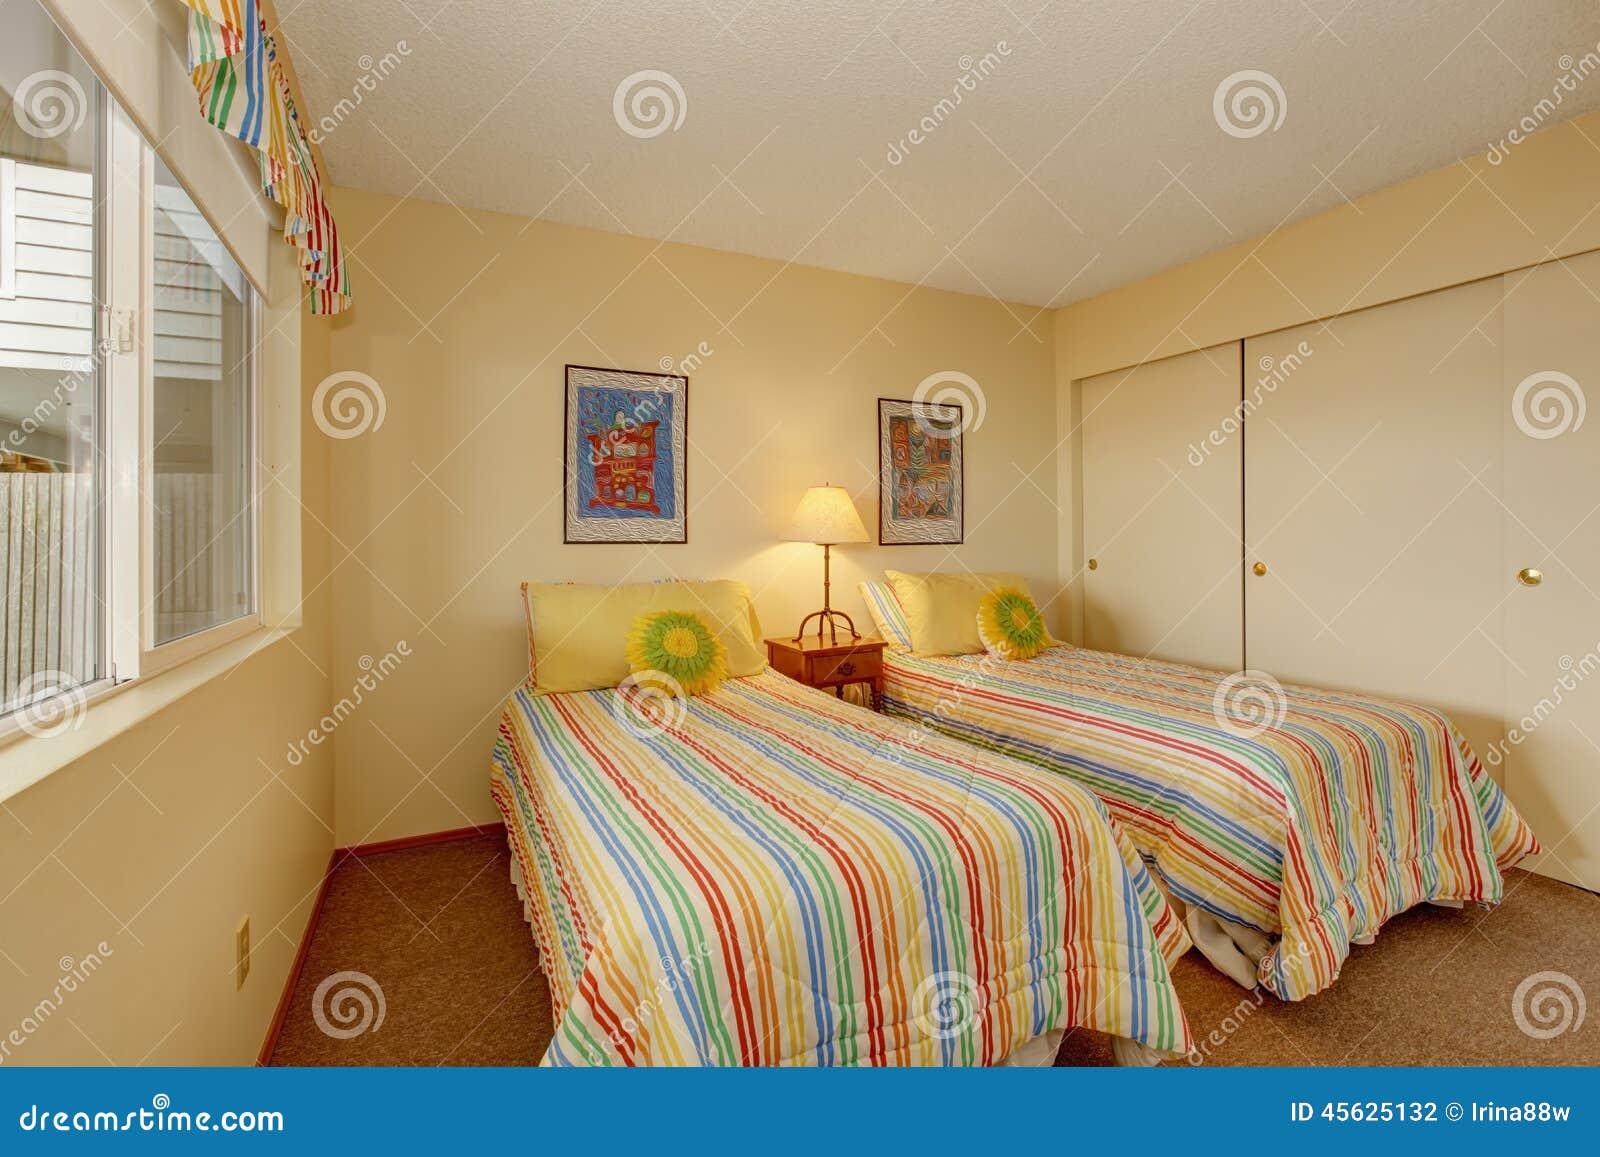 Slaapkamer met twee eenpersoonsbedden in vrolijk beddegoed stock ...